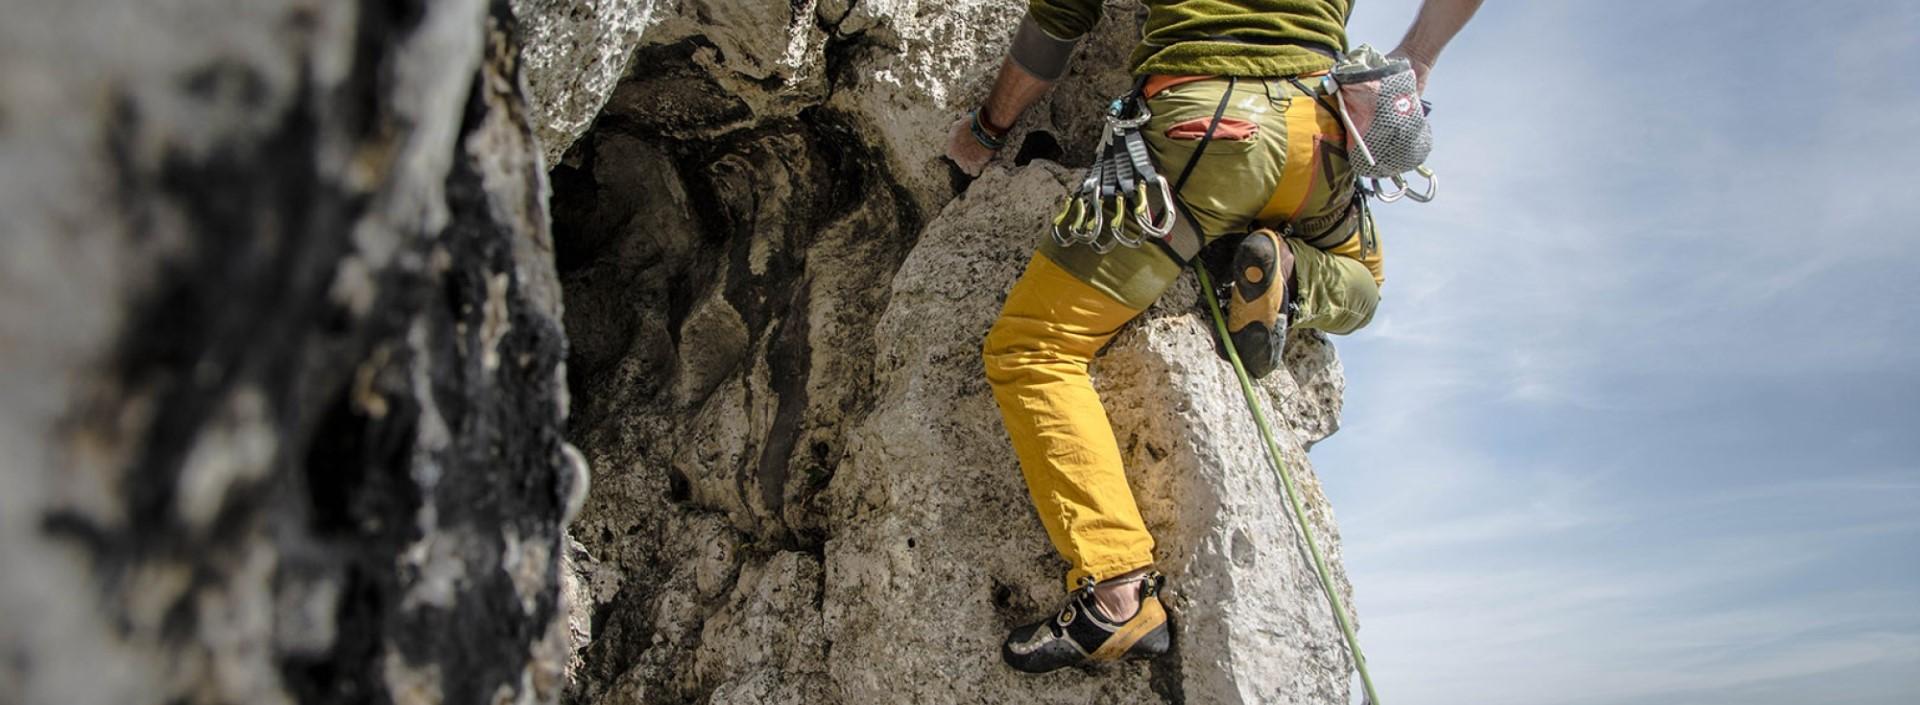 Milo spodnie wspinaczkowe - jakie wybrac